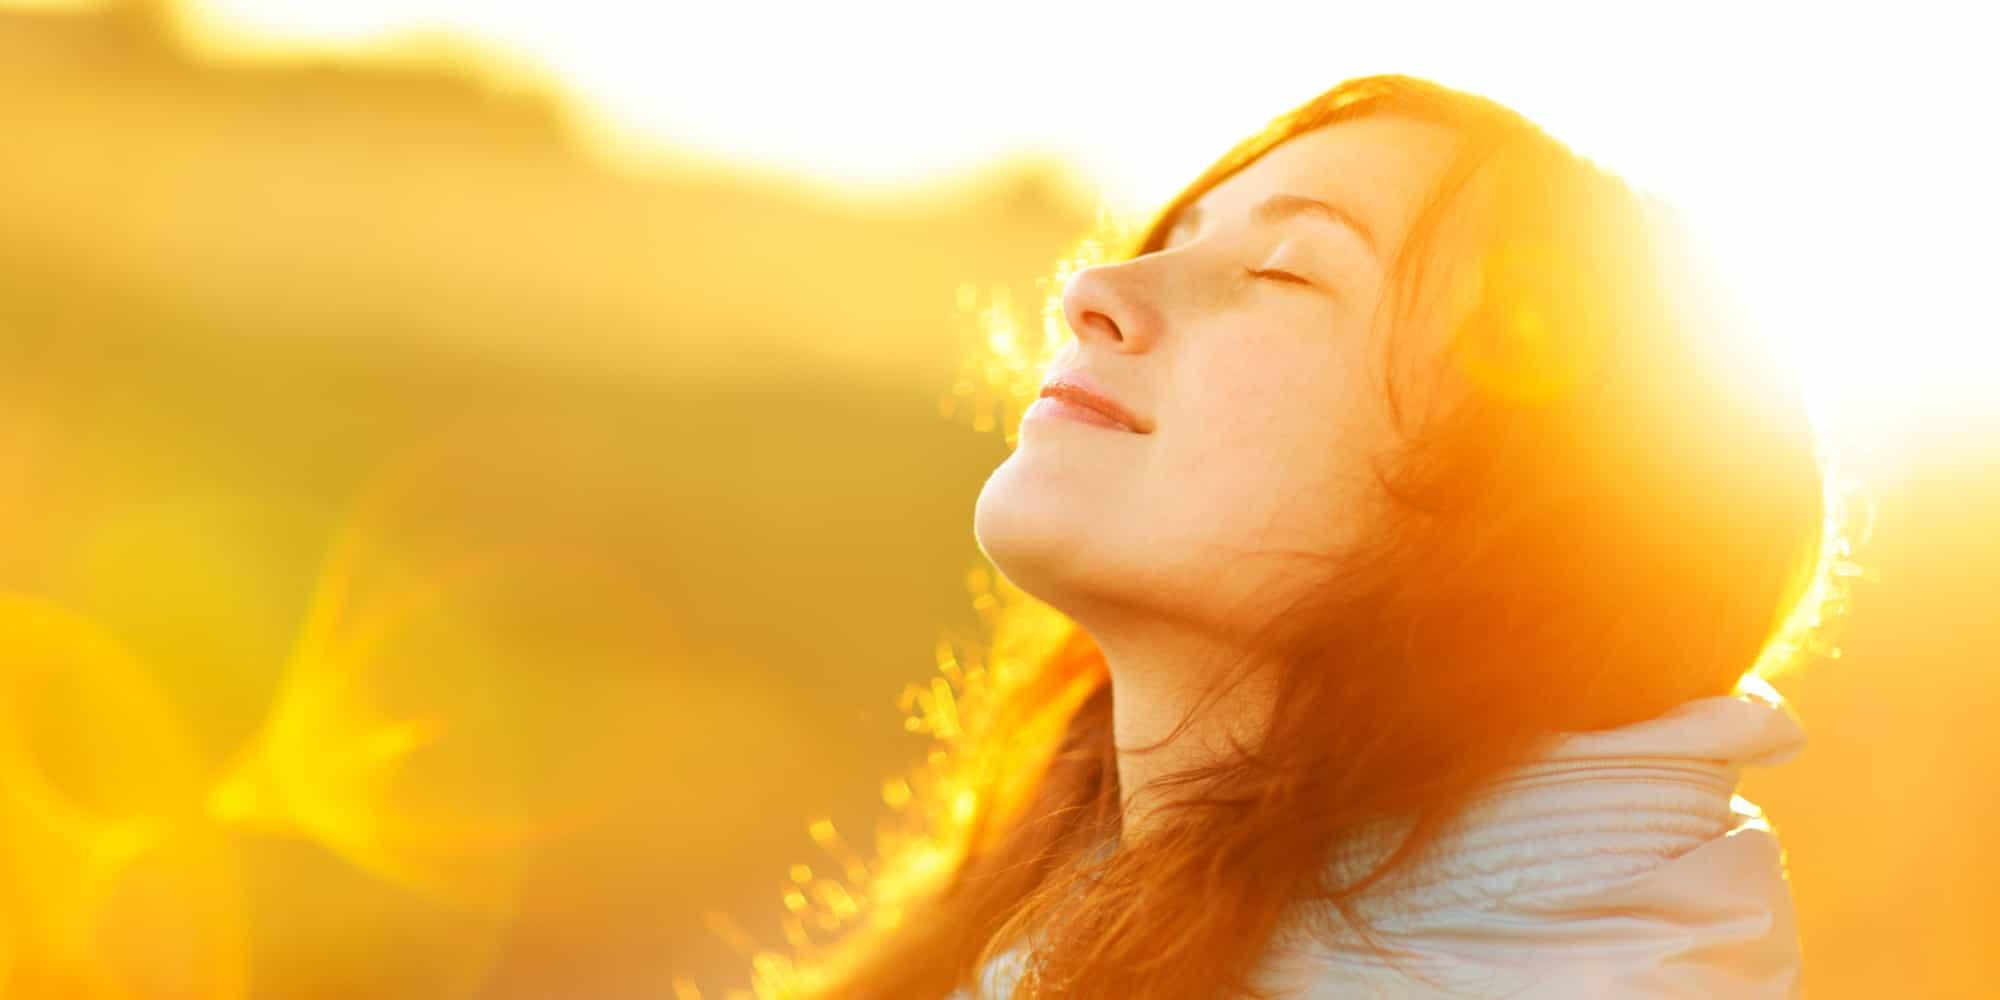 فوائد الشمس